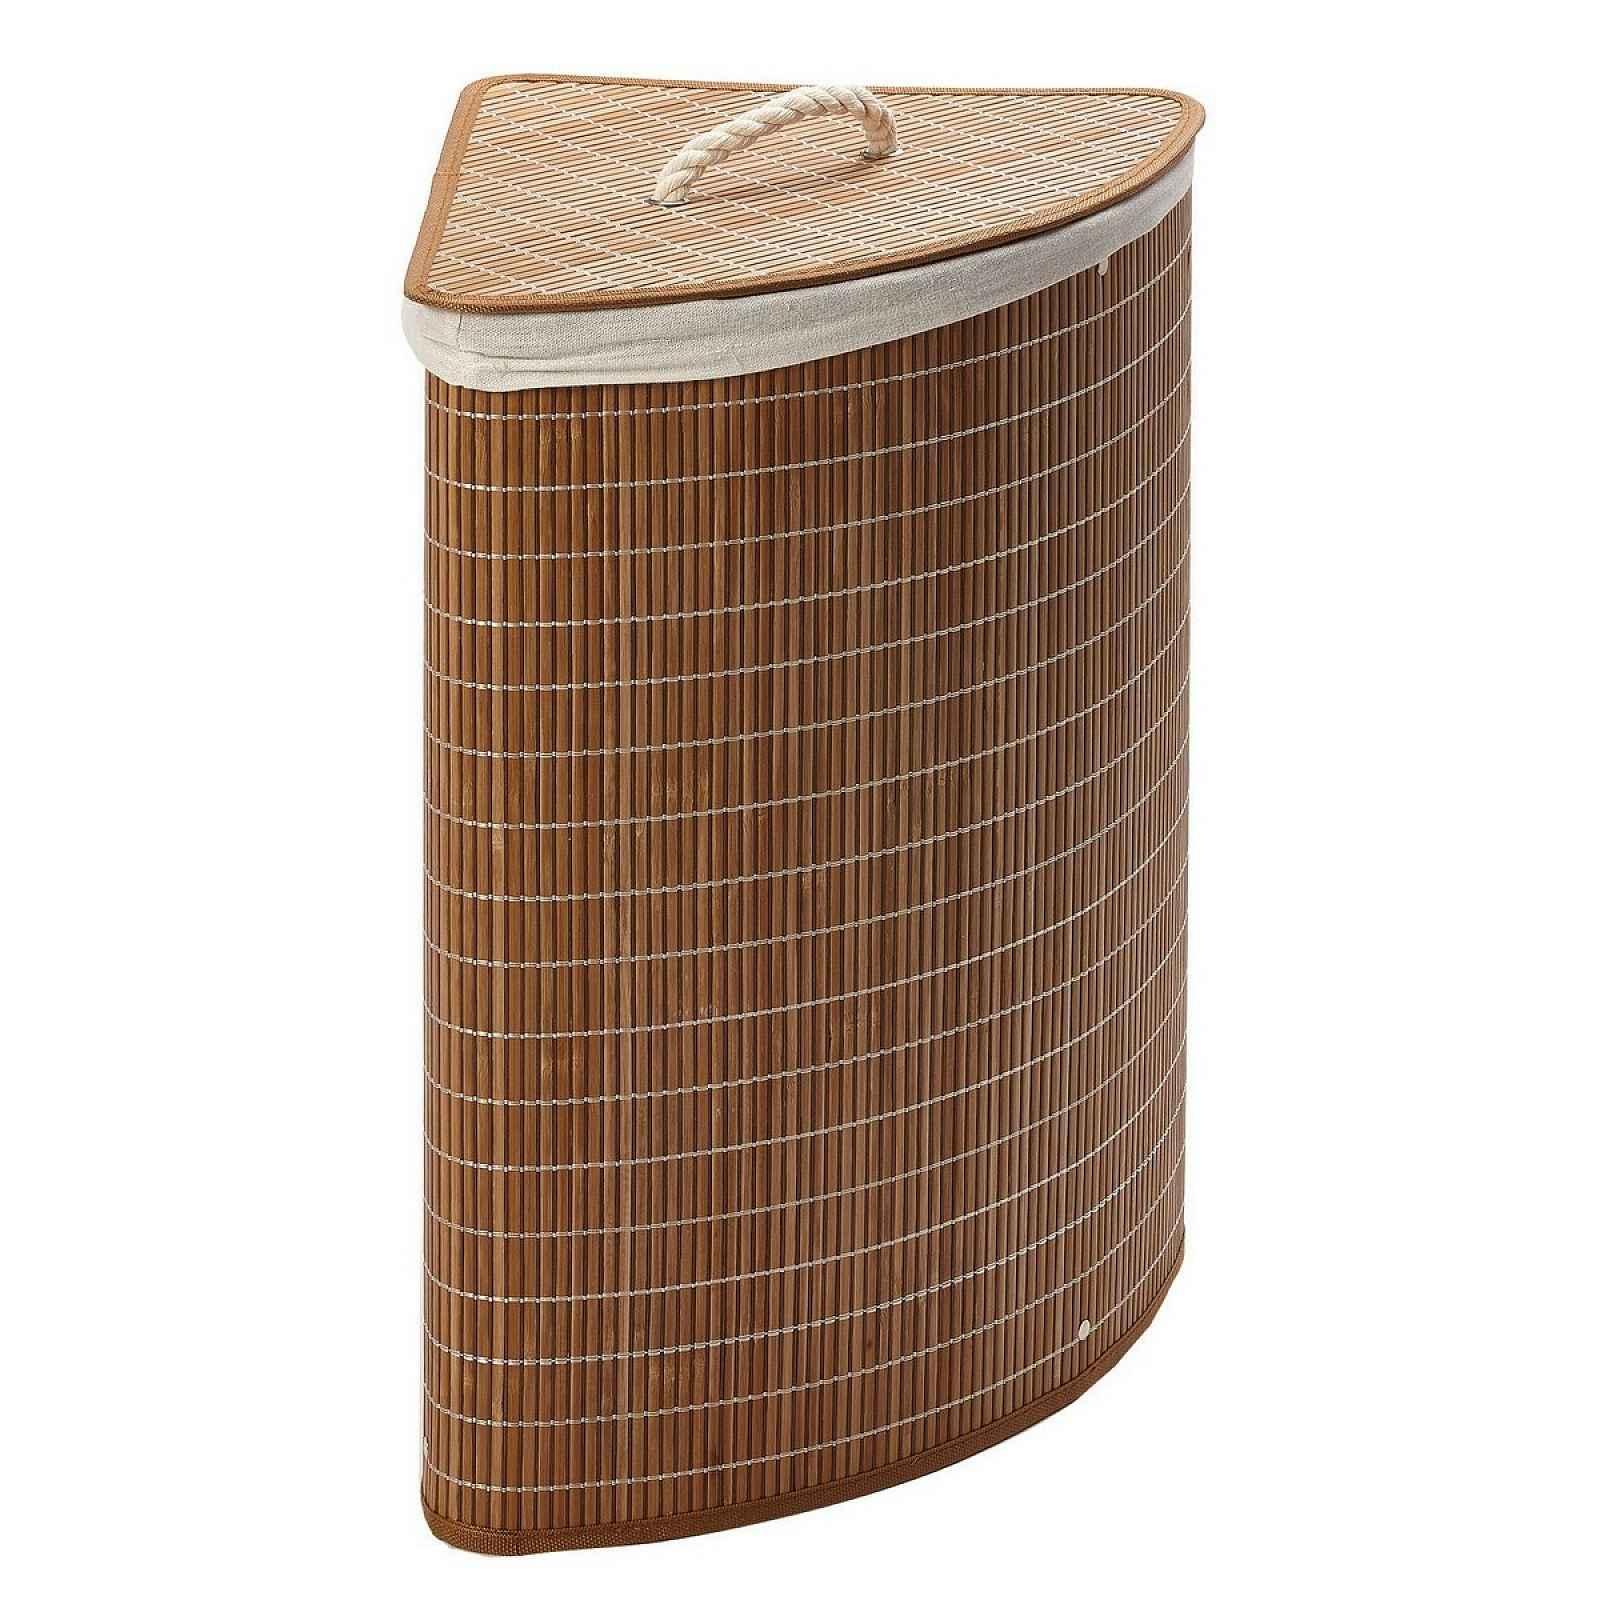 Rohový bambusový koš na špinavé prádlo